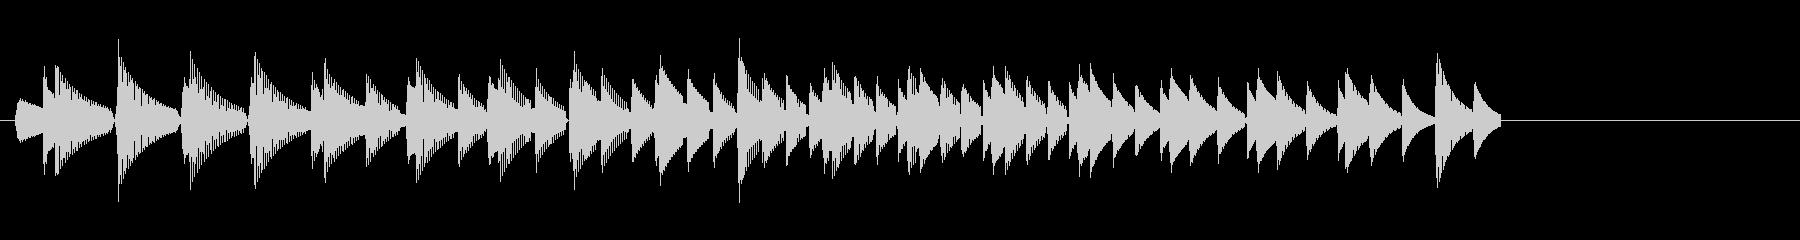 KANTクリックスクロール効果音2087の未再生の波形